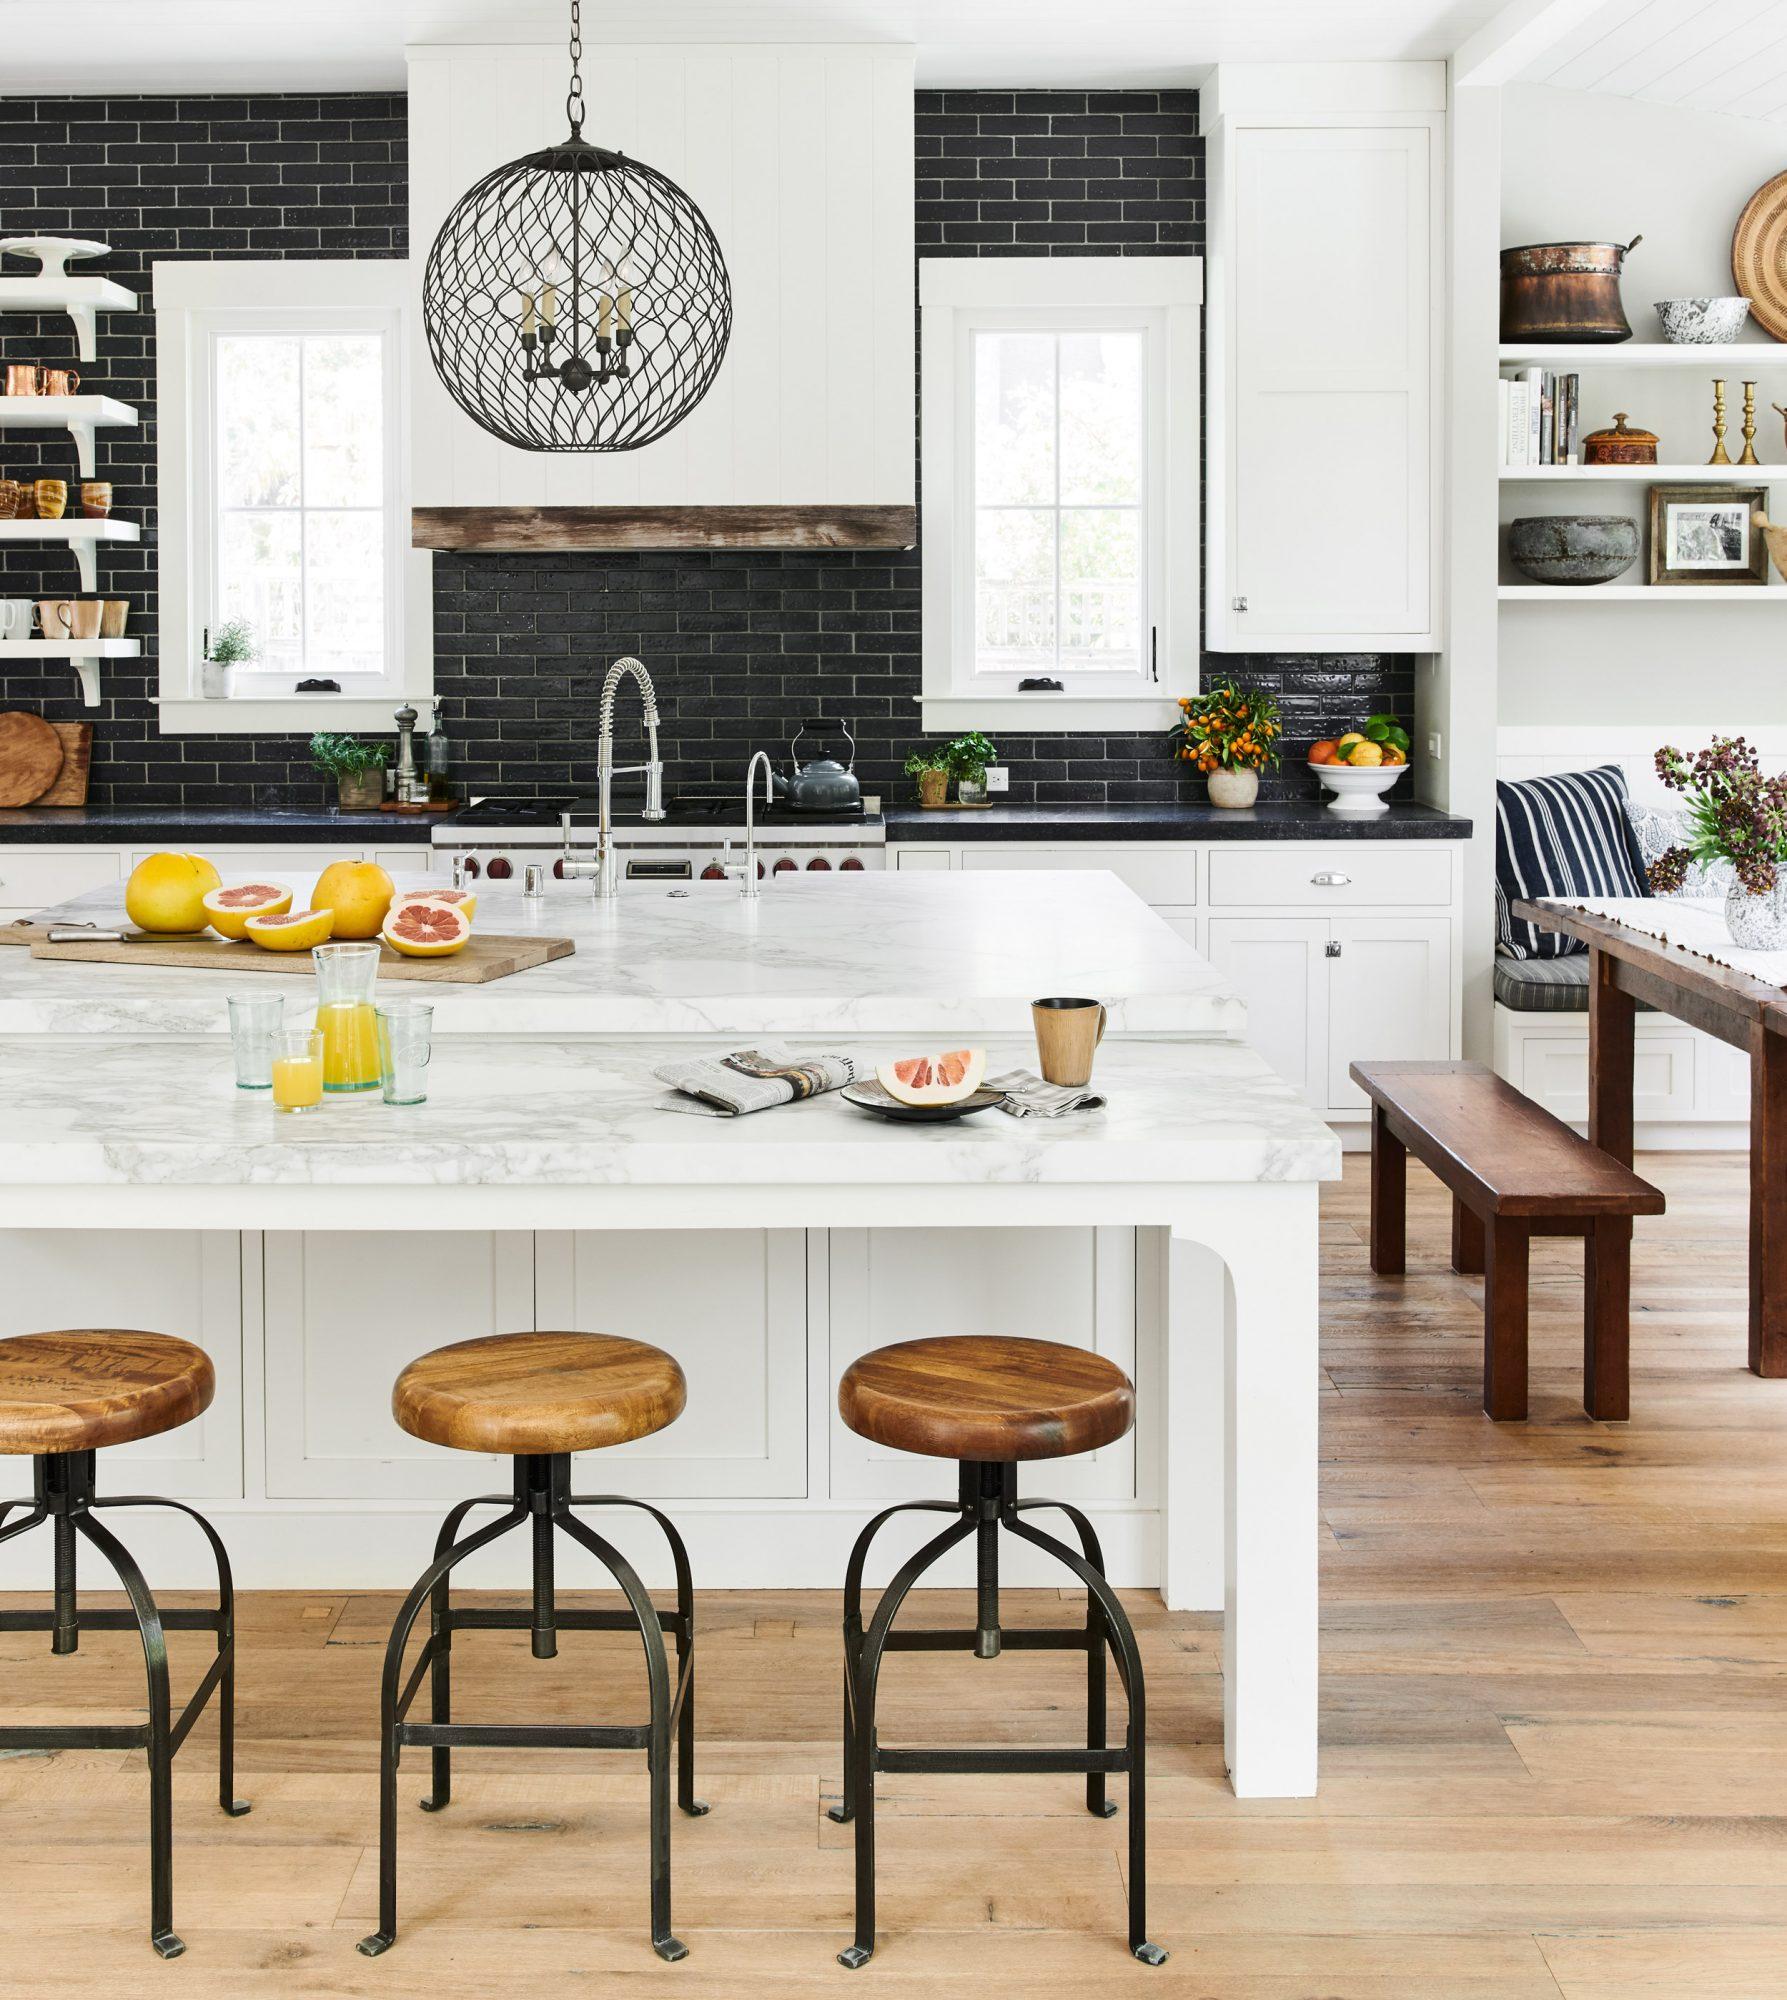 Healthy kitchen ideas